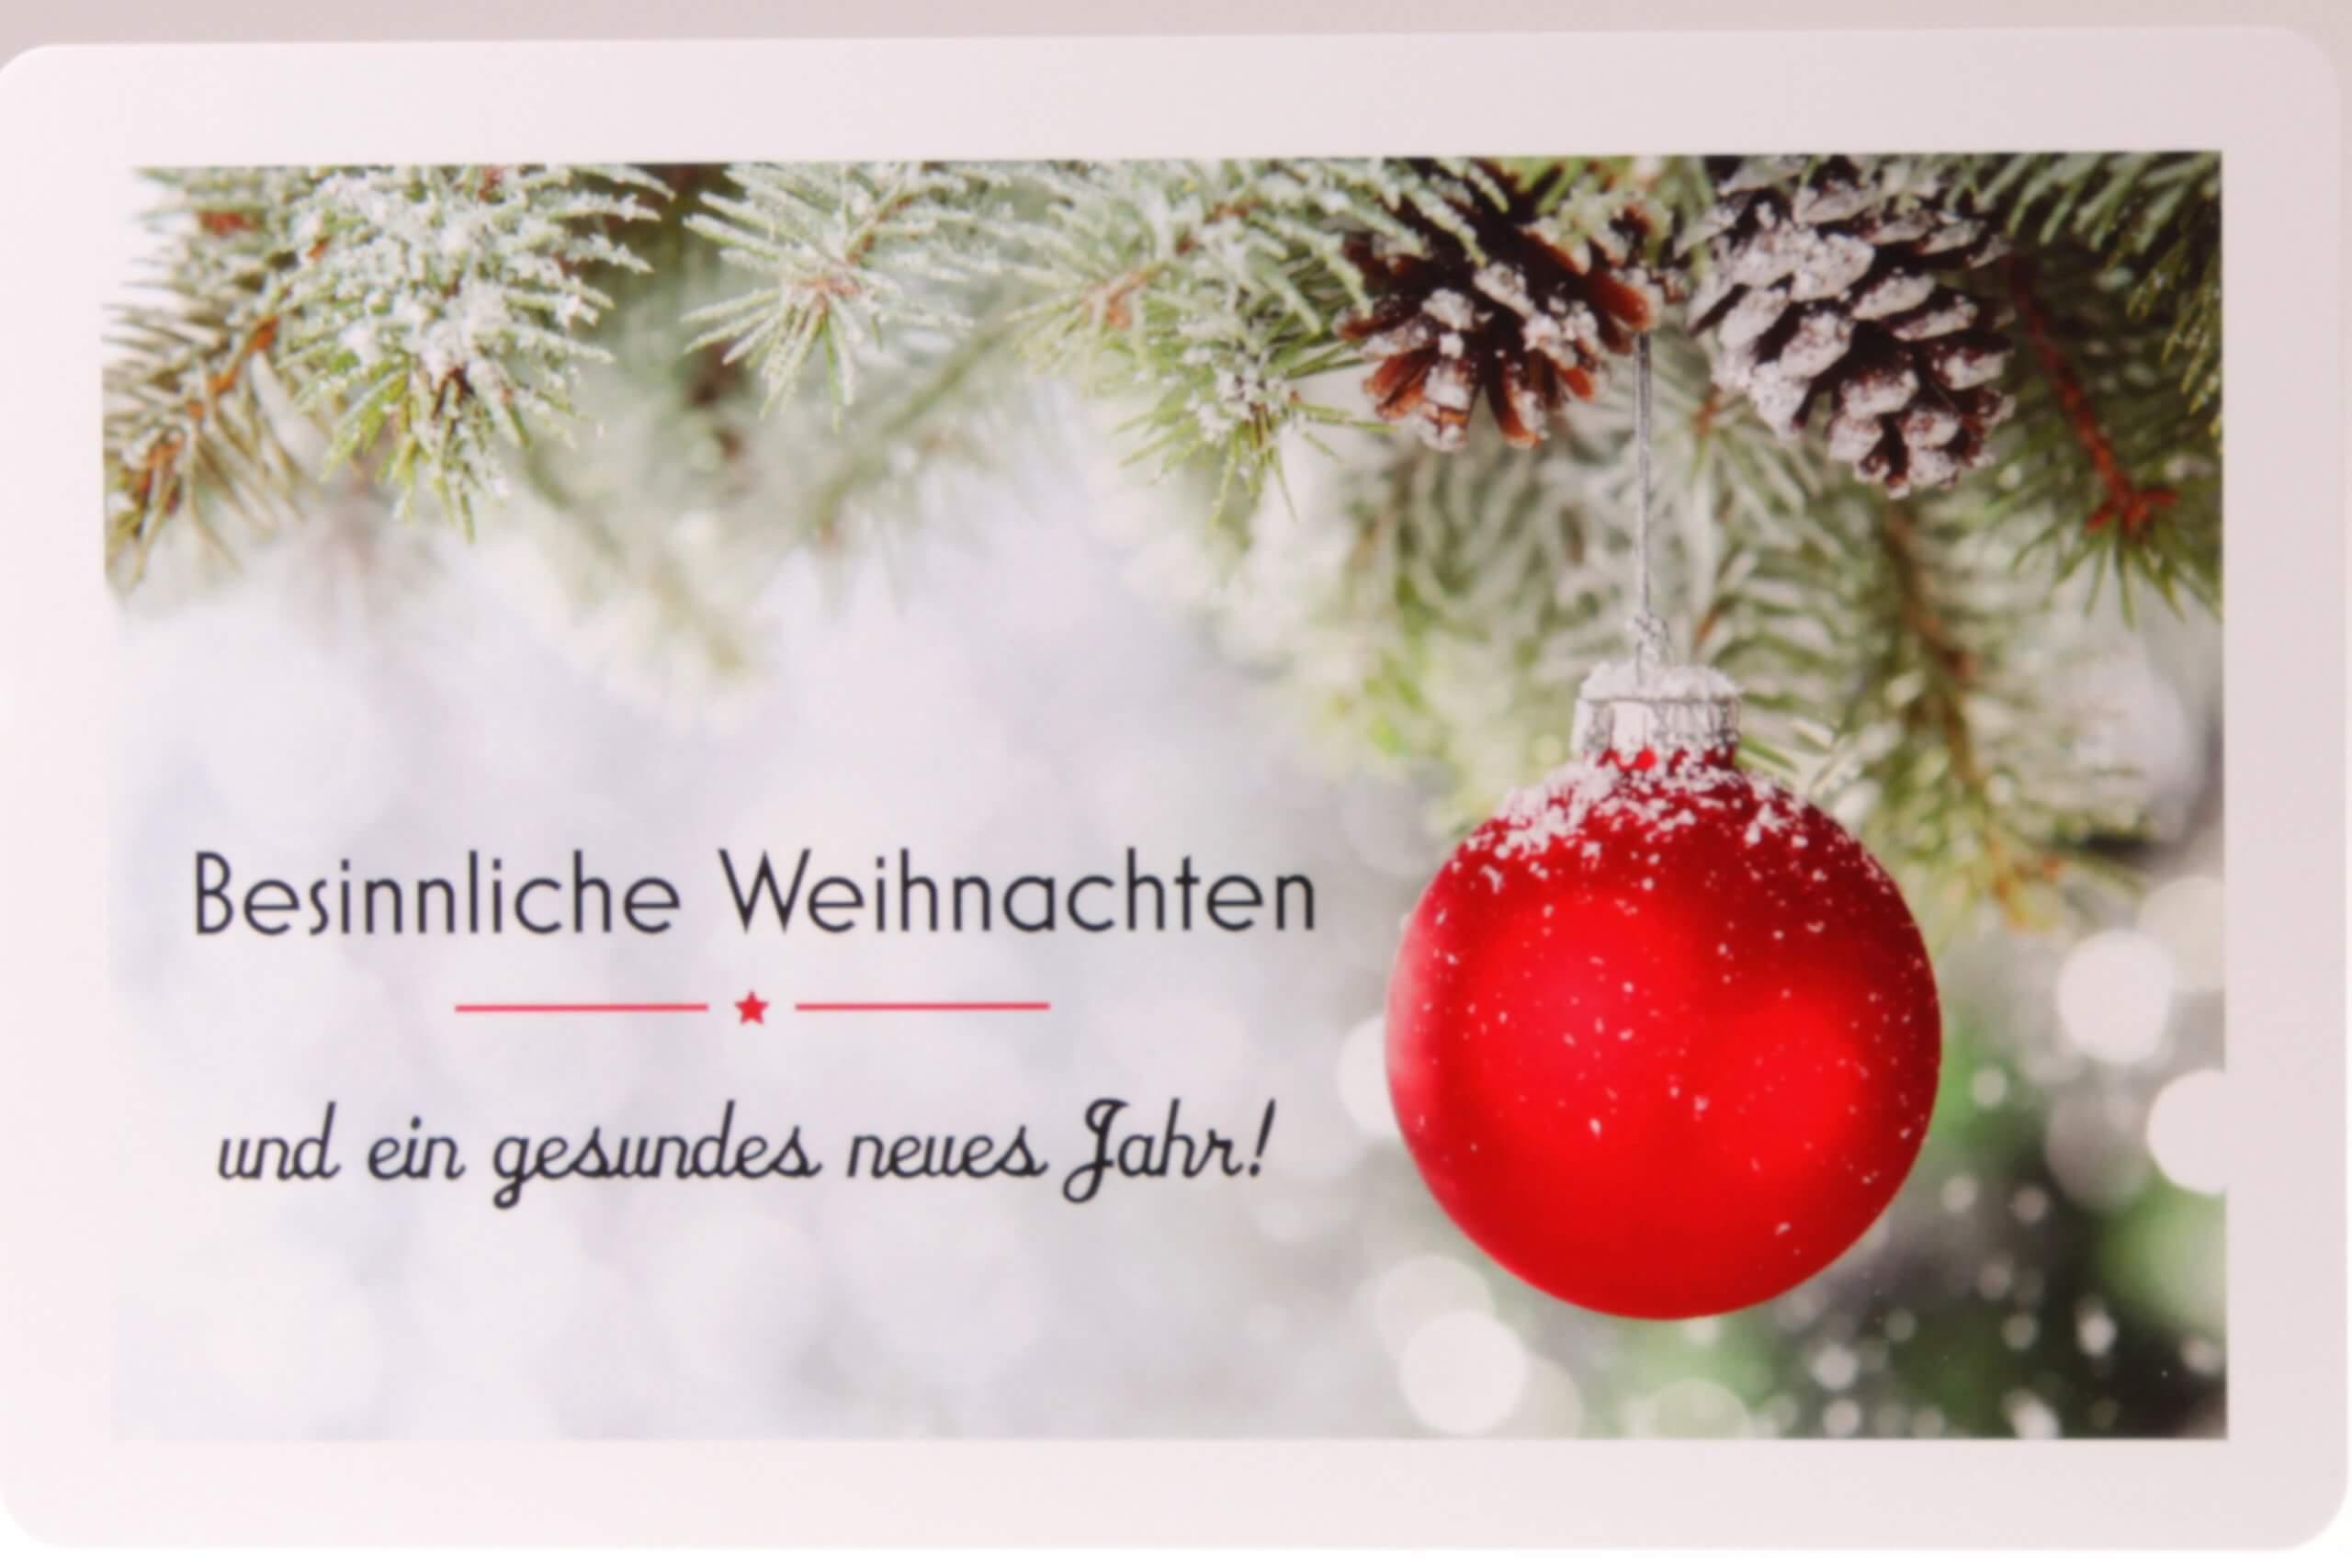 Besinnliche Weihnachten Grusskarte von feinjemacht